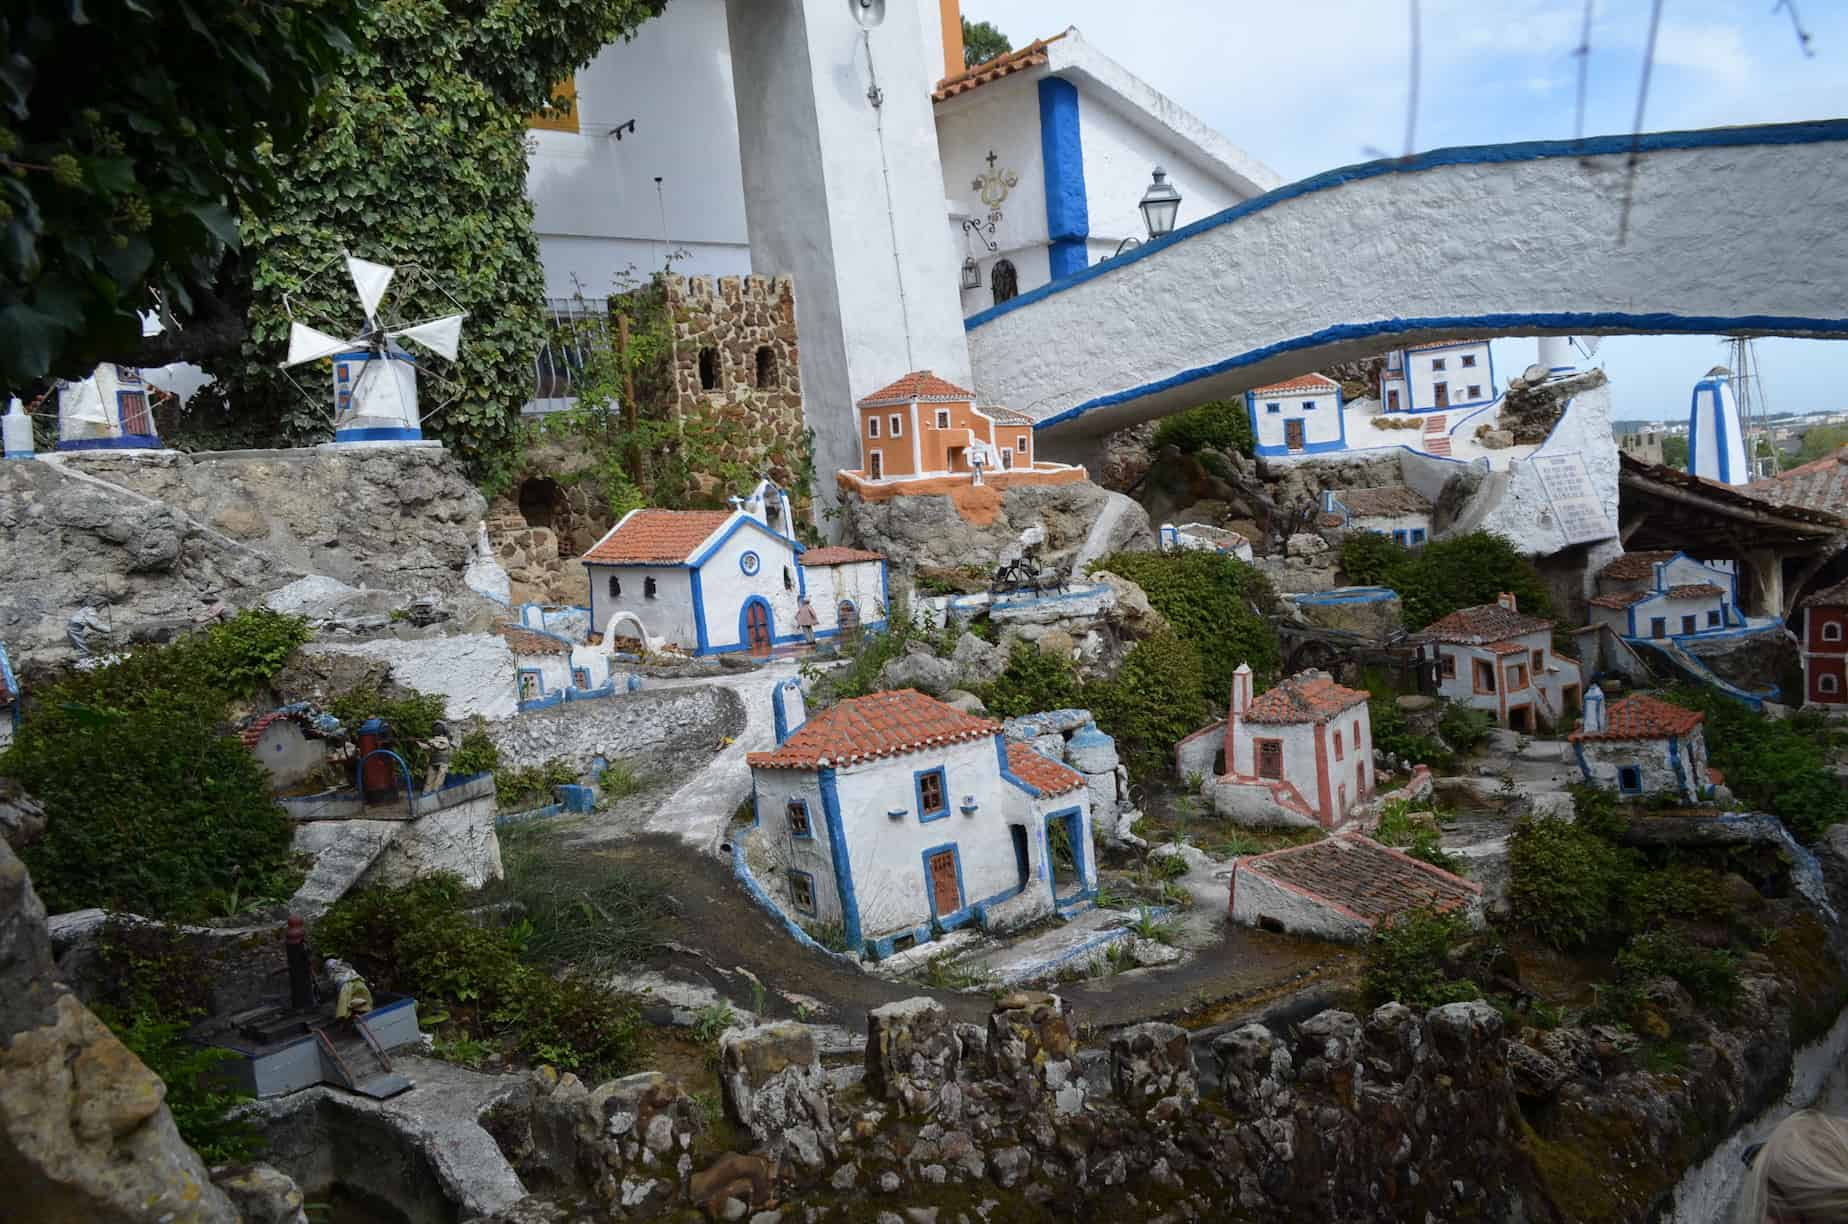 Vente maison portugal bord de mer pas cher